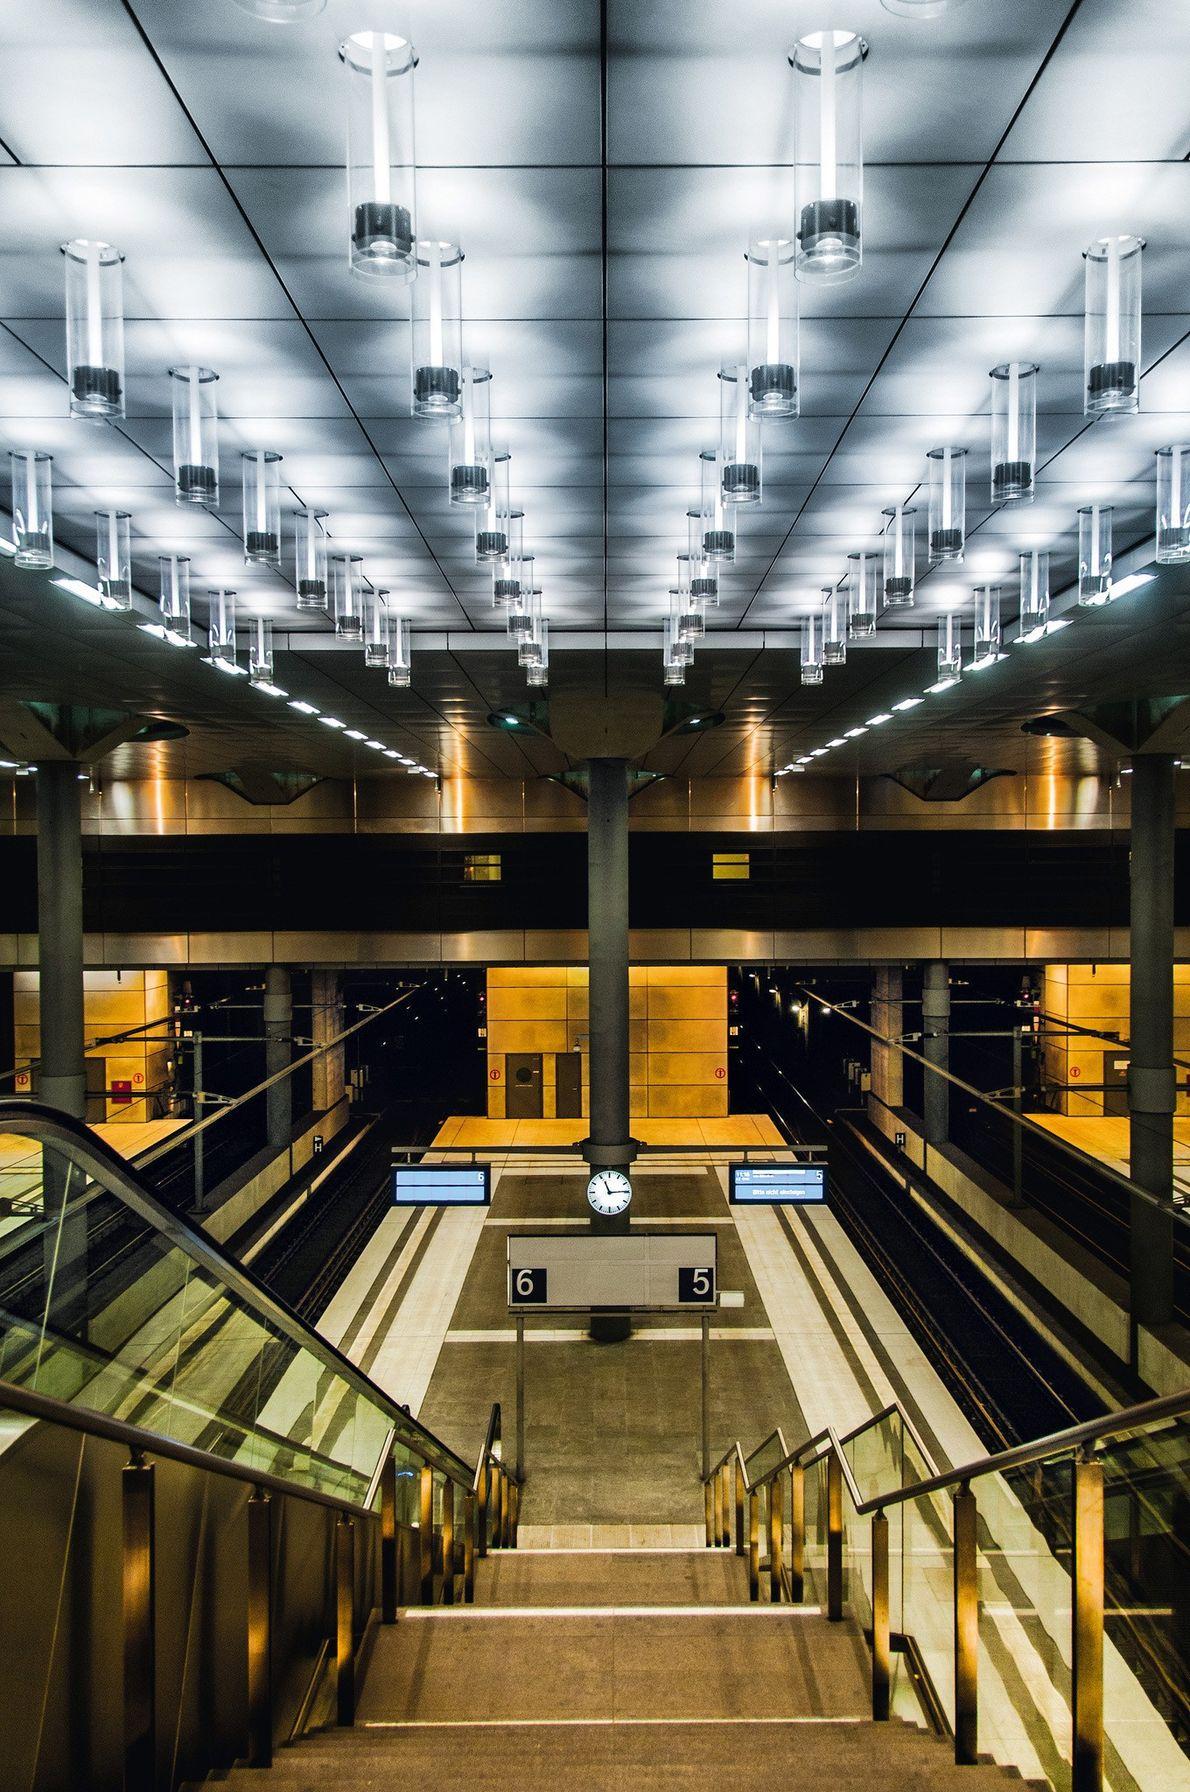 """In der Kategorie """"Architektur und Wohnen"""" gewann der Stuttgarter Maik Bolbeth, er sagt über sein Bild: ..."""